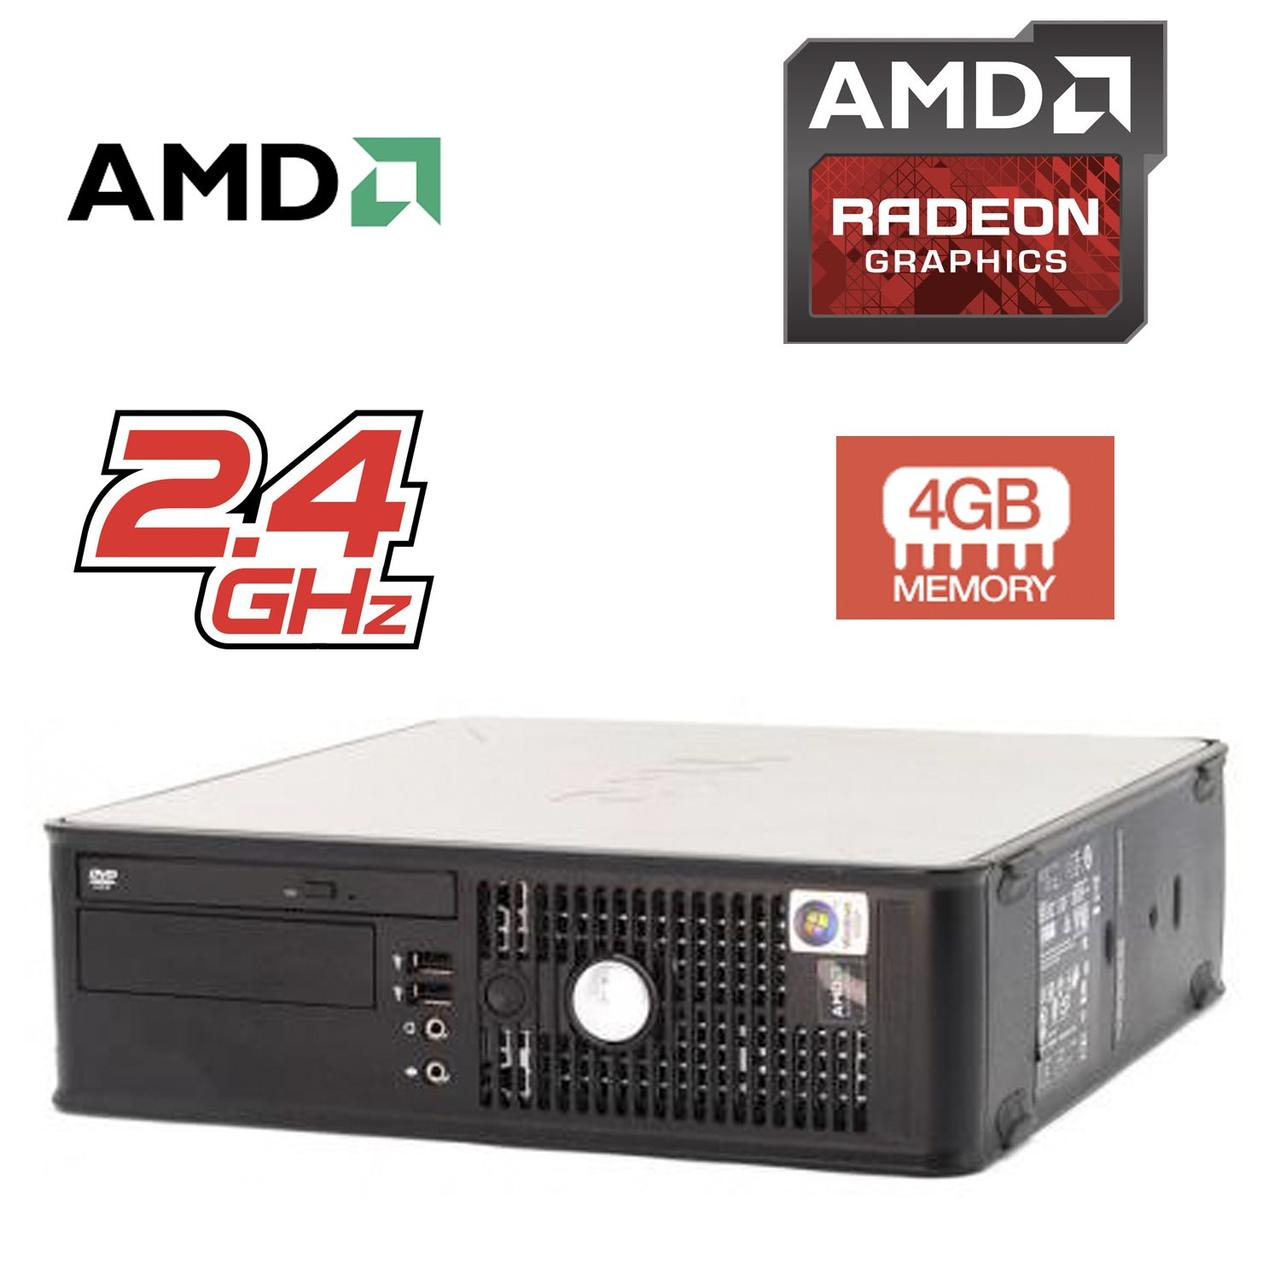 Dell Optiplex 740 SFF / AMD Athlon 64 X2 4600+ (2 ядра по 2.40 GHz) / 4 GB DDR2 / 160 GB HDD / AMD HD 8570